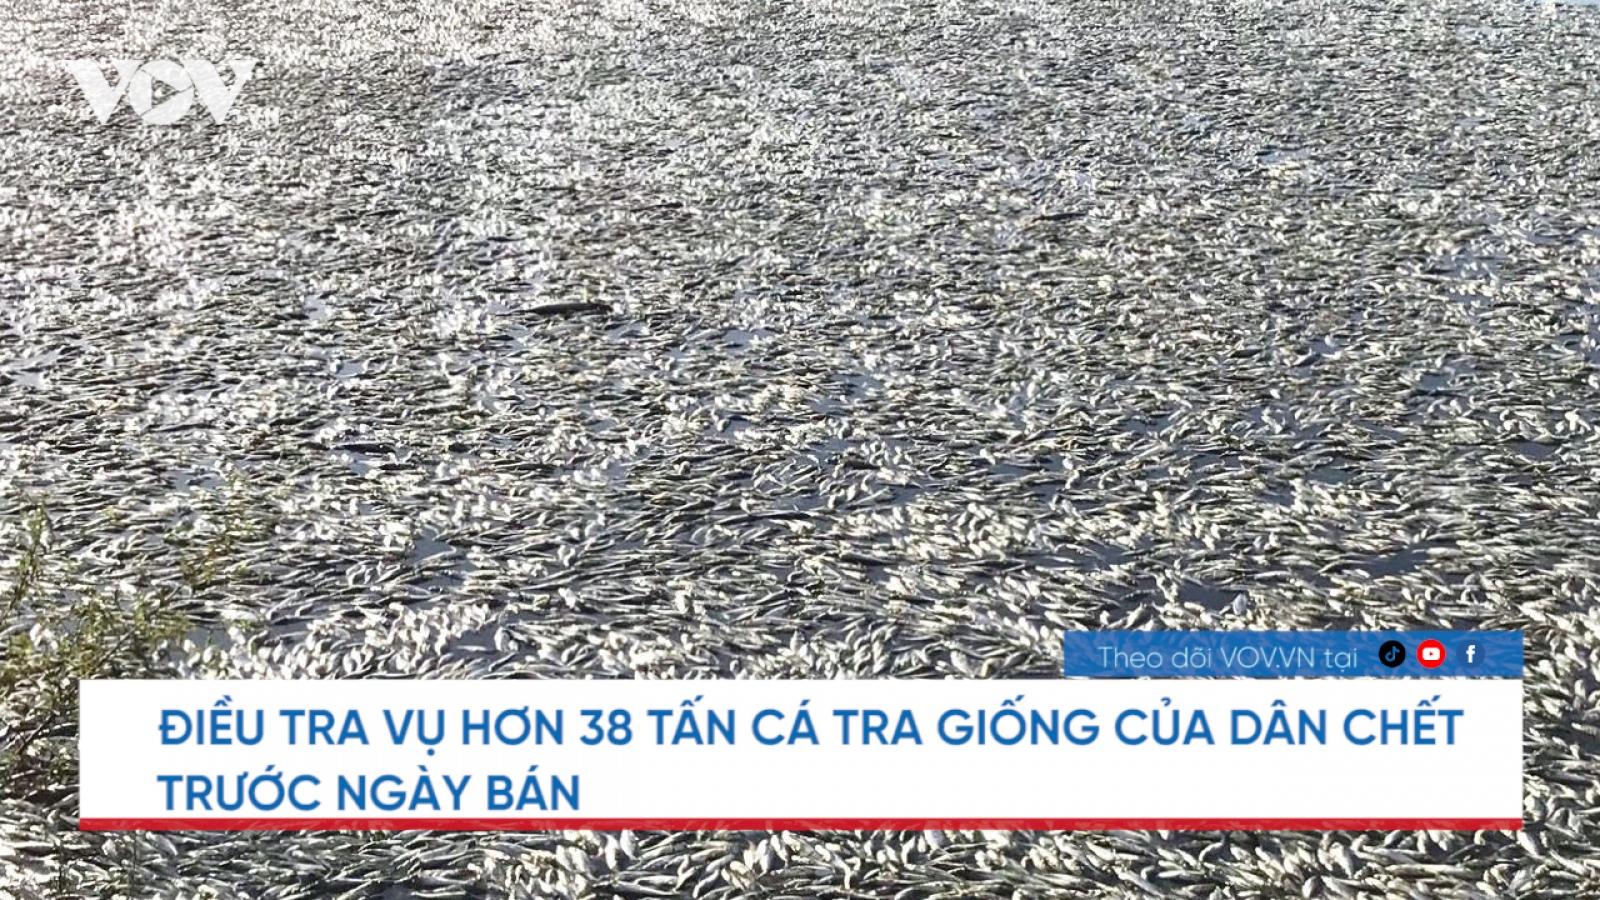 Nóng 24h: Điều tra vụ hơn 38 tấn cá tra giống chết trước ngày bán